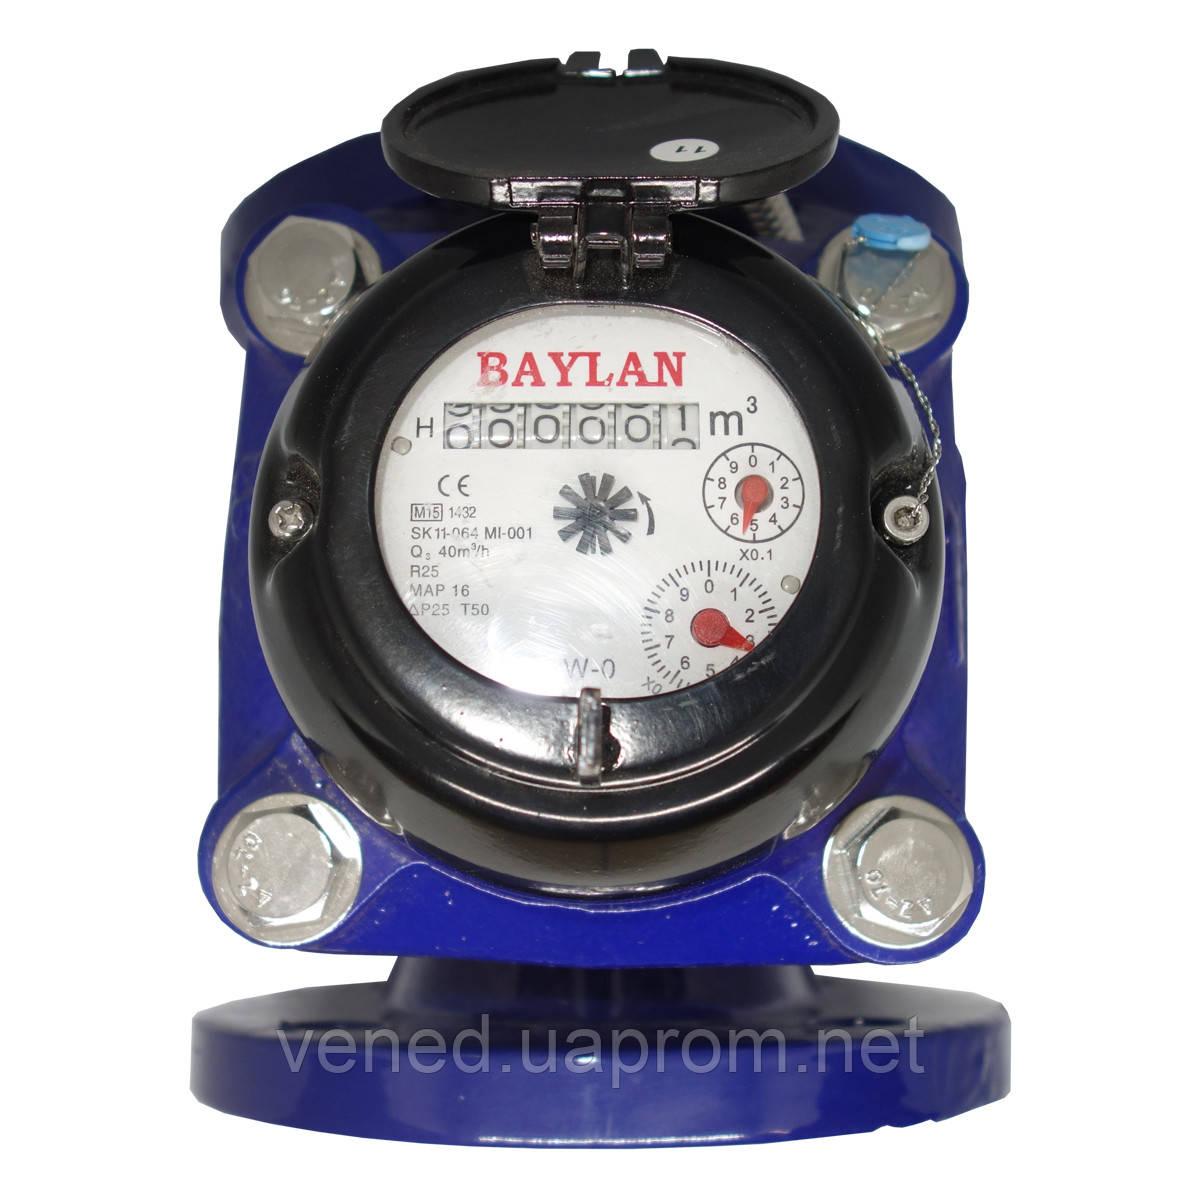 Baylan W-1i DN80 Ирригационный счетчик воды, промышленого применения